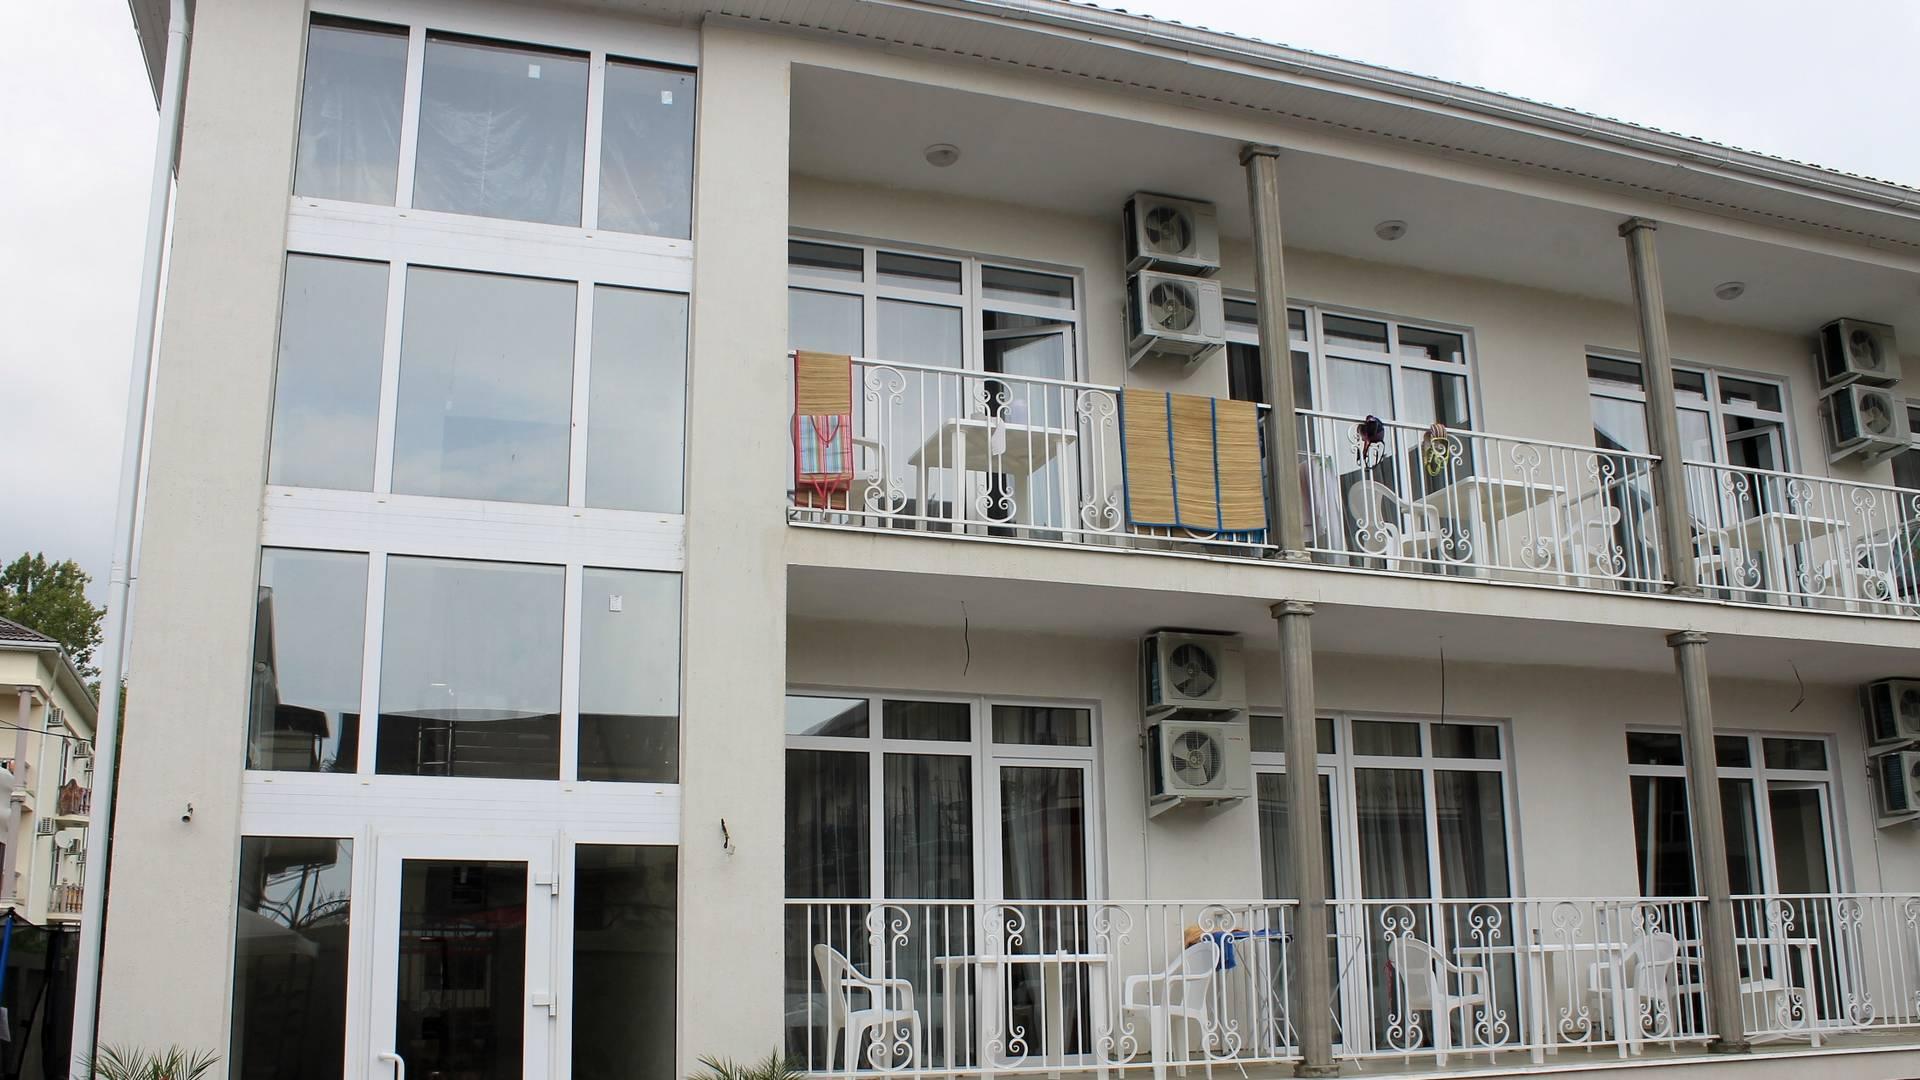 Окна в гостиницу, Окна и двери ELEX, Витражное остекление